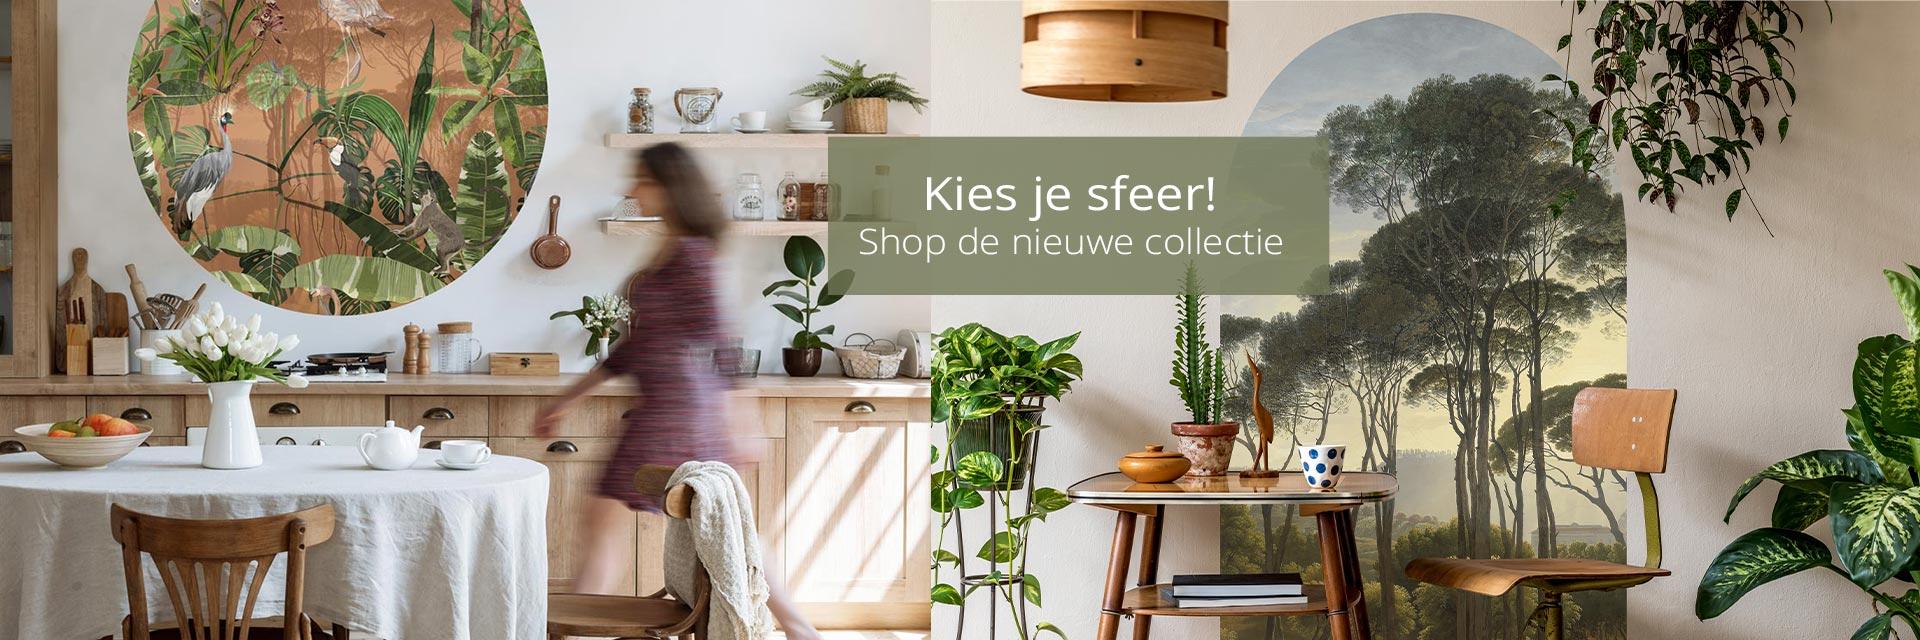 shop-de-nieuwe-collectie